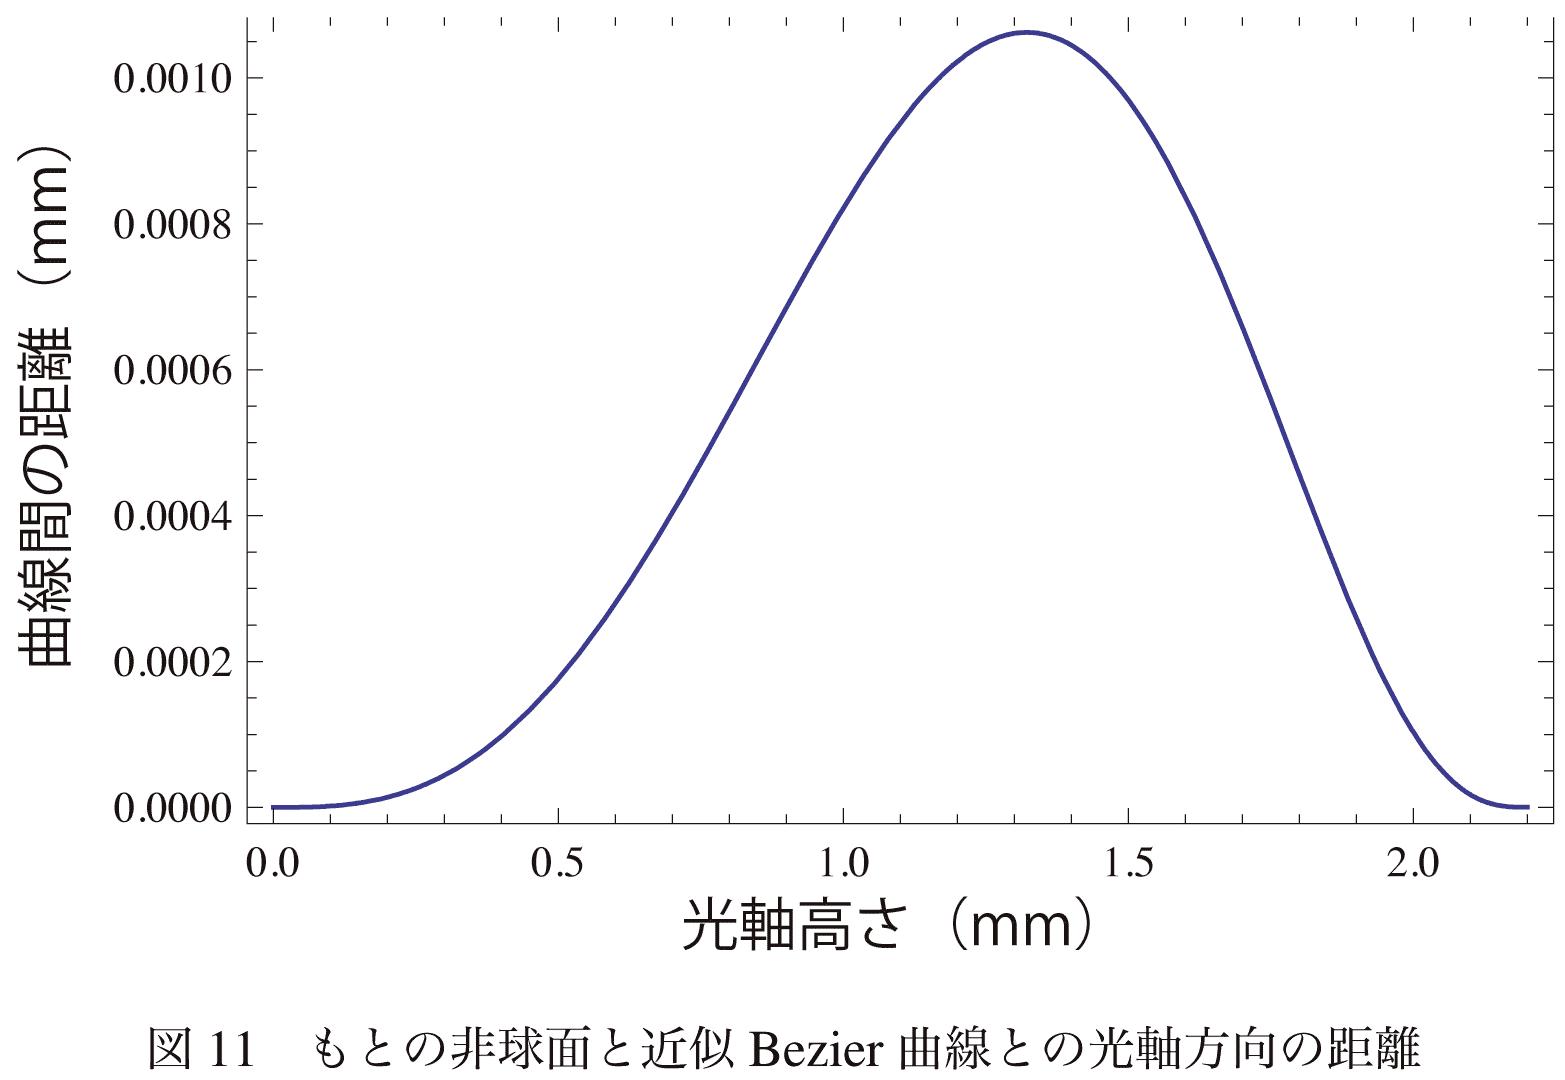 Bezier曲線によるレンズ形状近似...